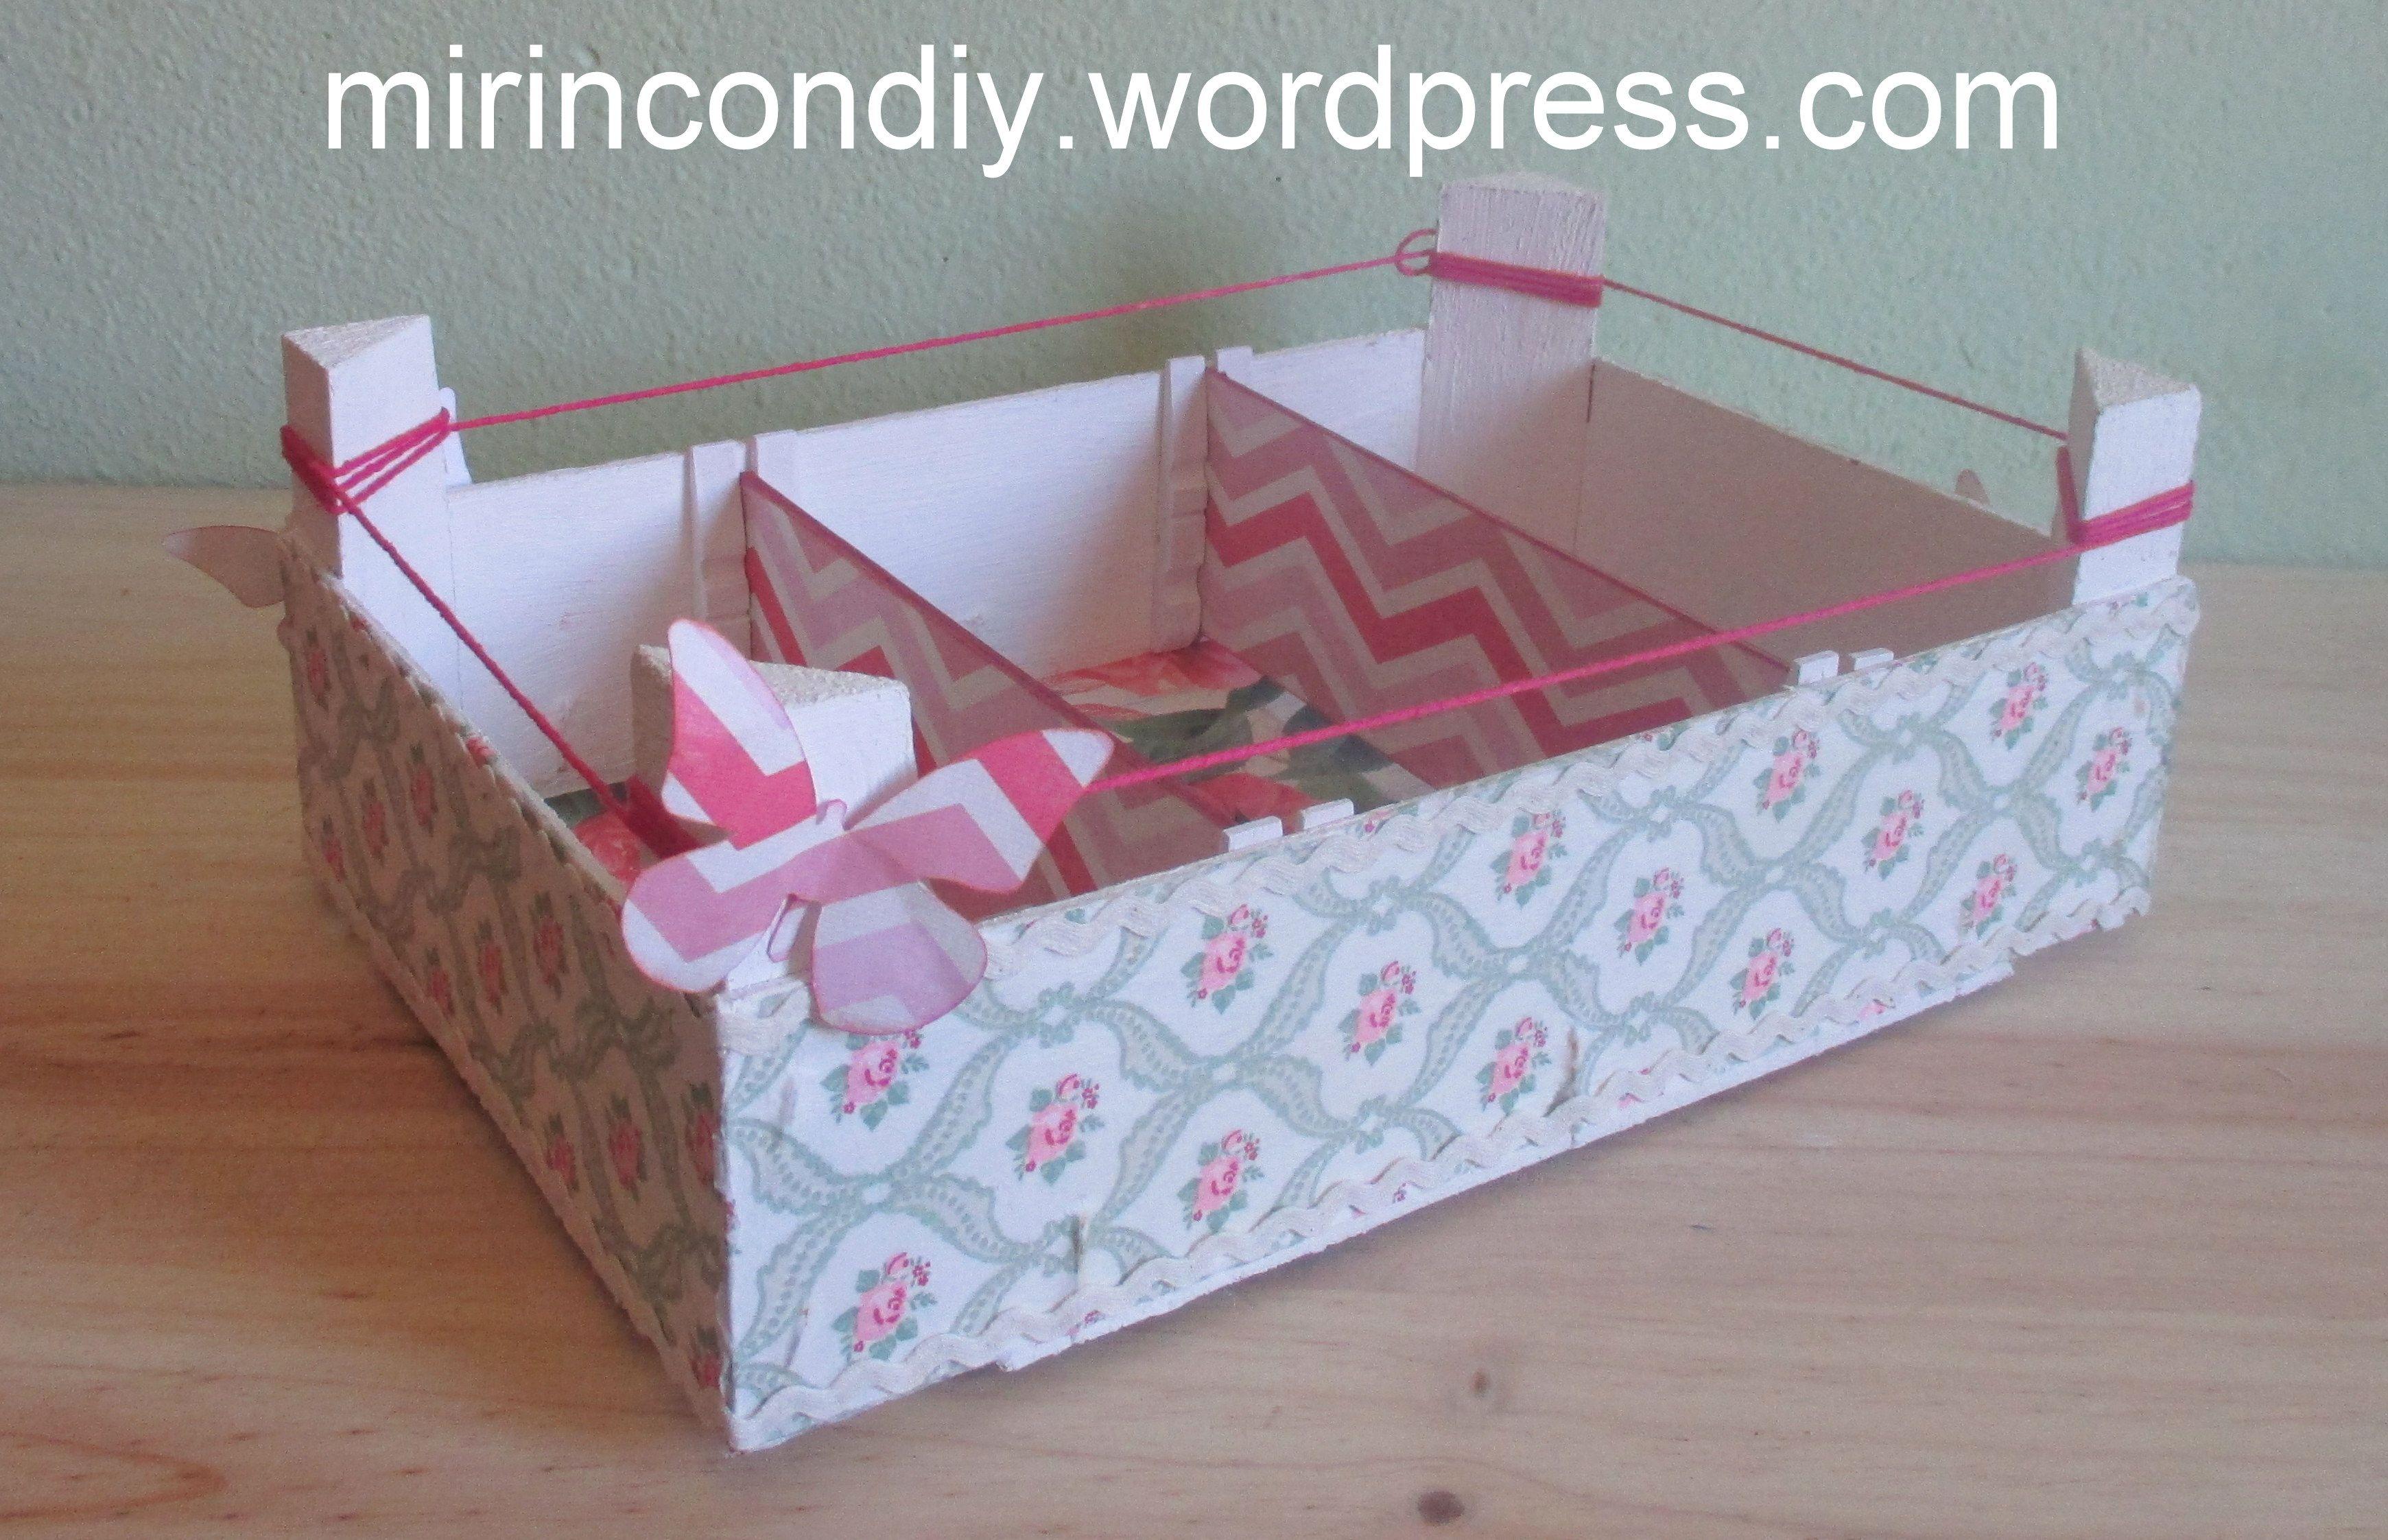 Caja del lidl decorada buscar con google con cajas de for Cocina lidl madera